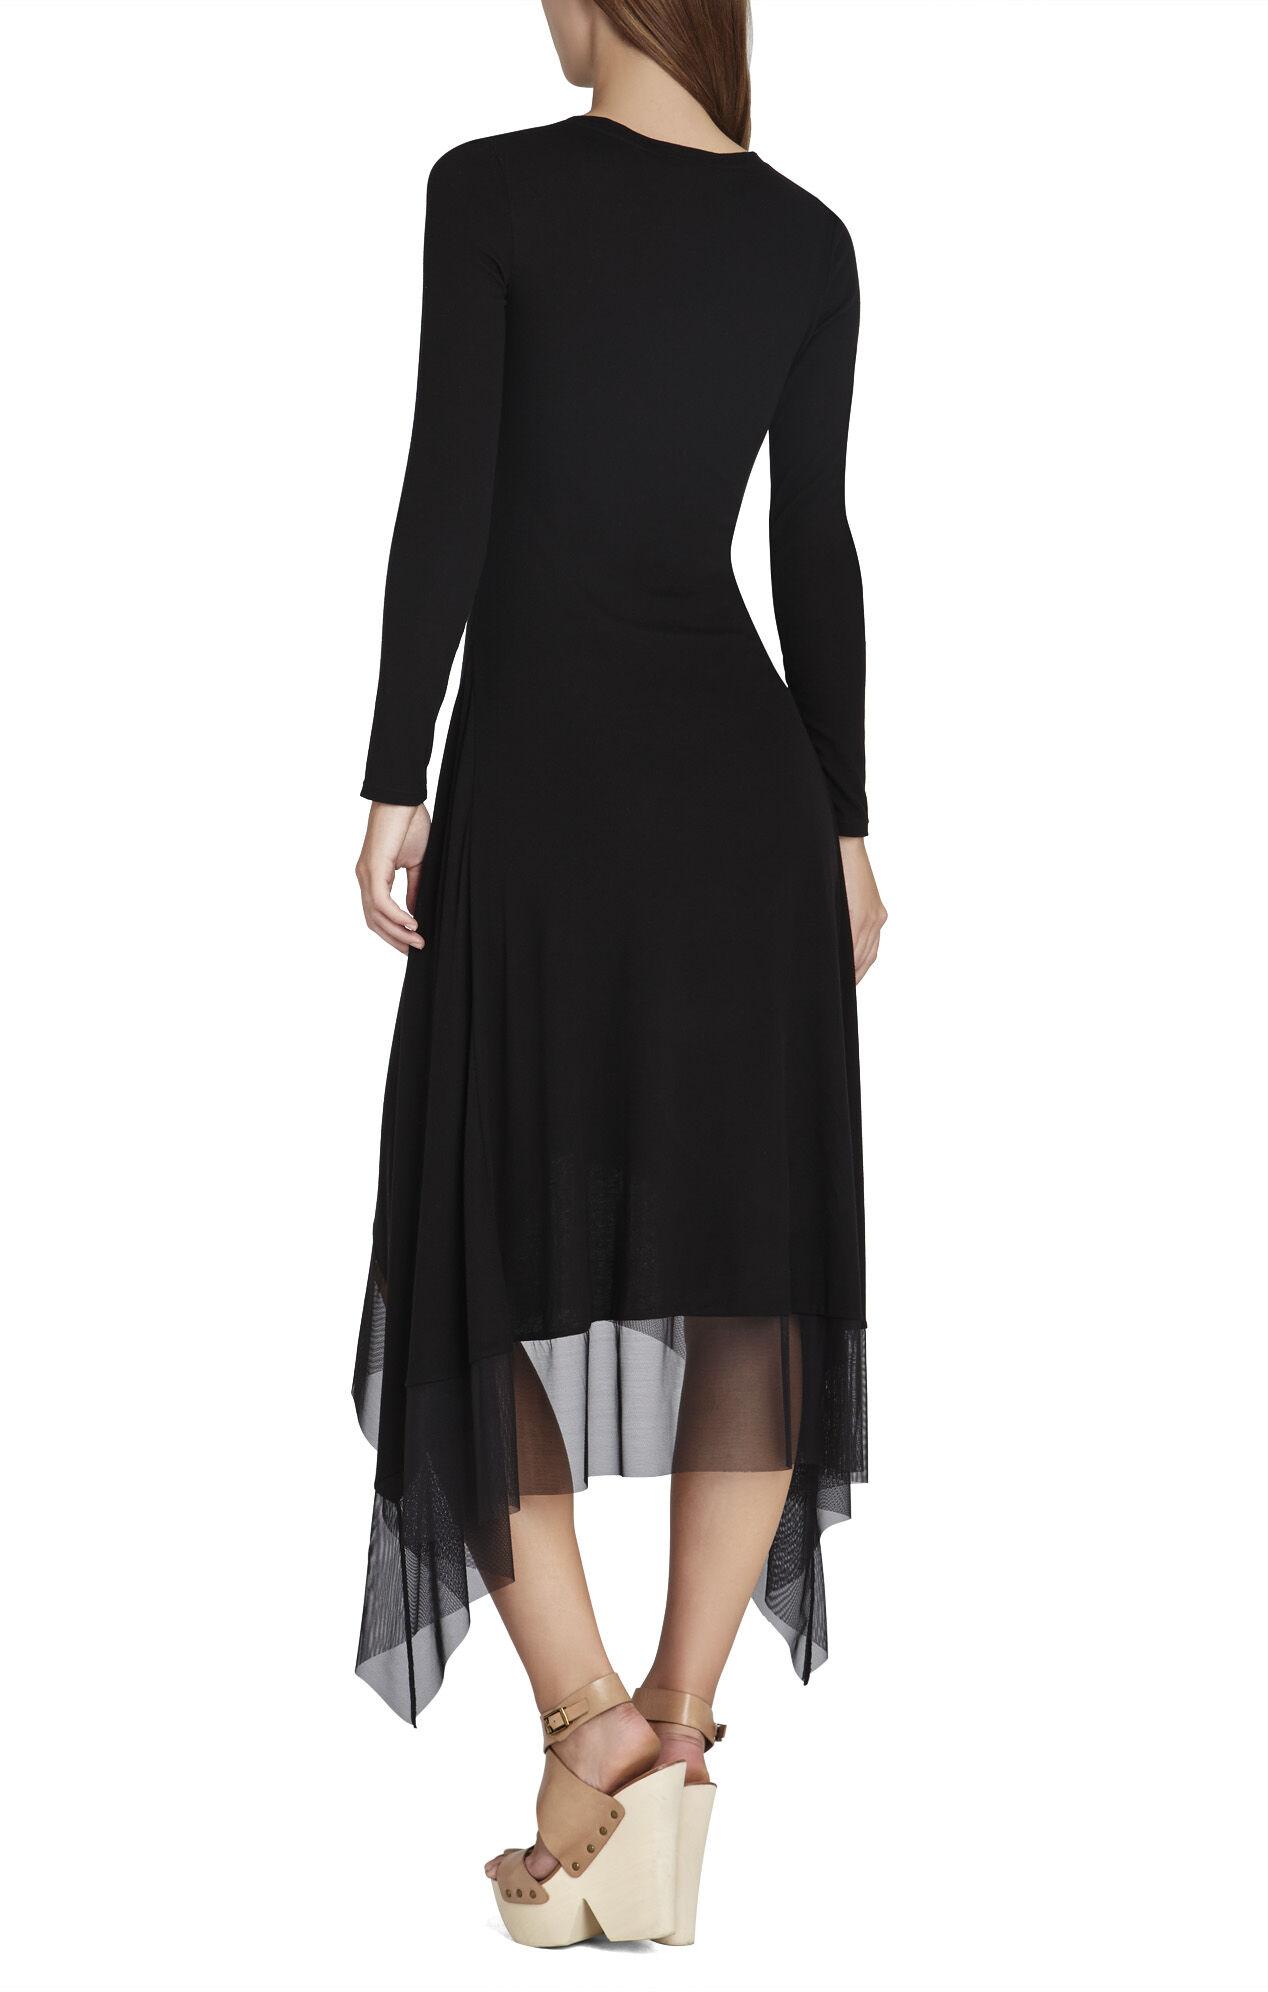 Tiffany Long-Sleeve Dress